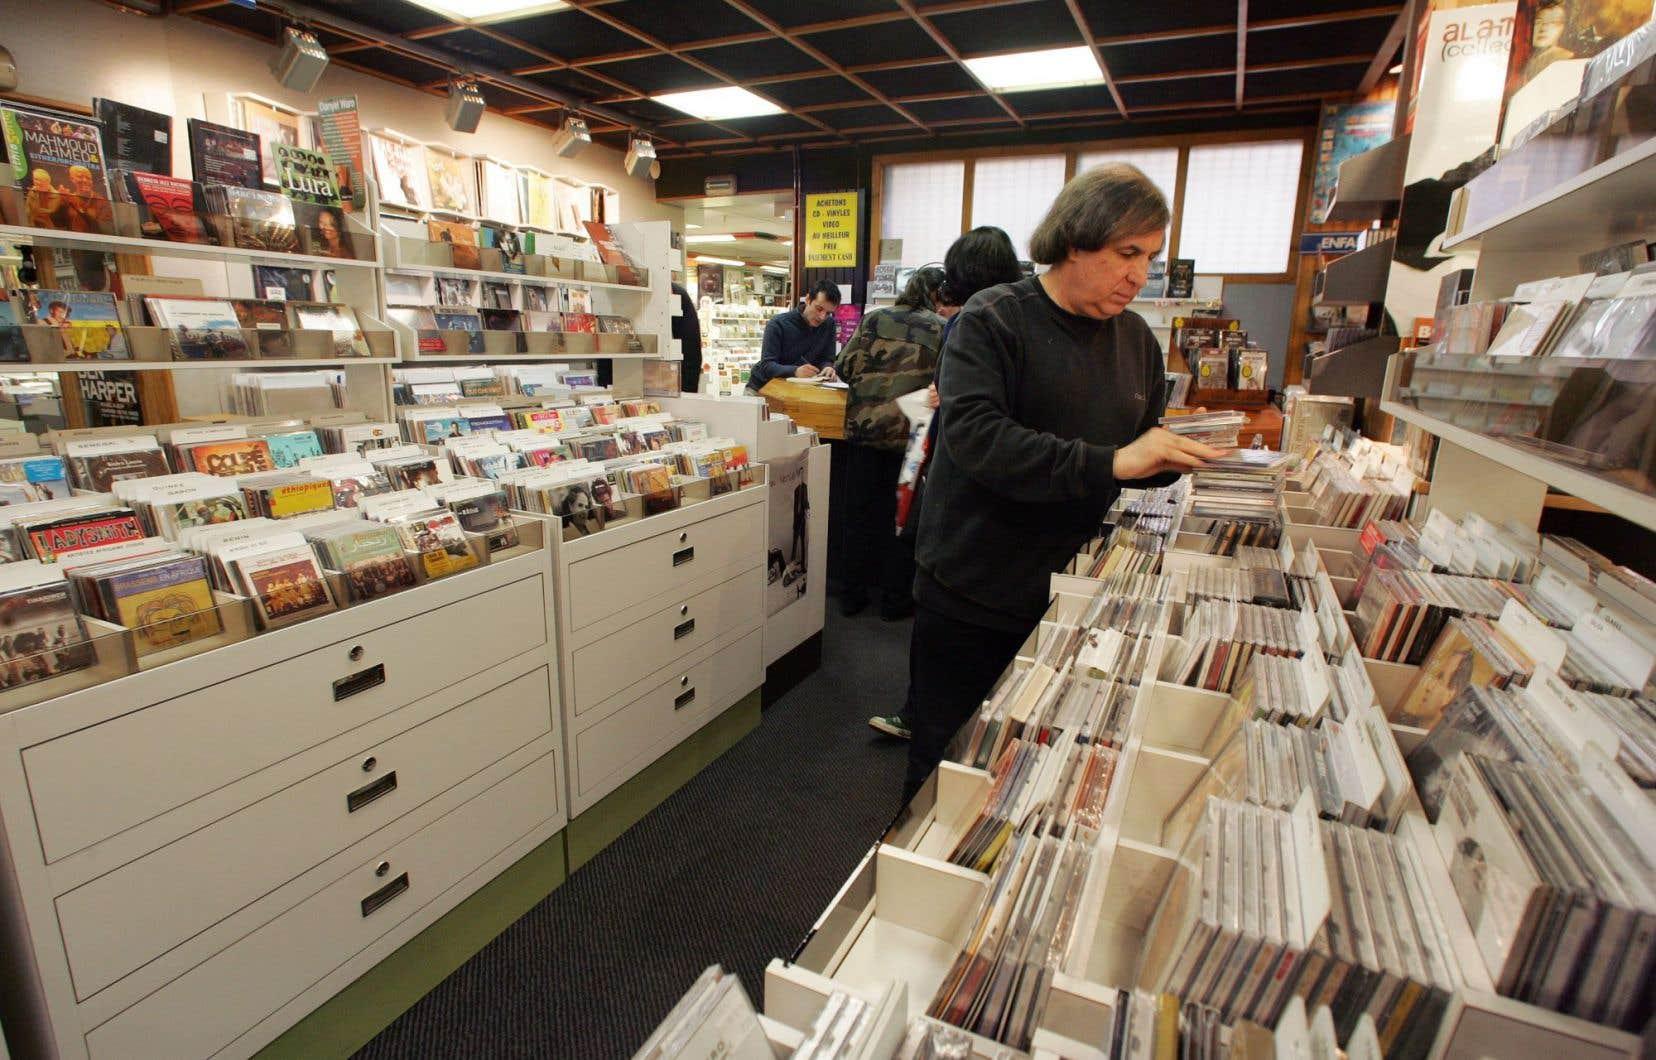 Une image qui, en France comme partout ailleurs, devient de plus en plus rare: un disquaire avec des consommateurs. Au Canada, les ventes de disques physiques ont baissé de 70 % en dix ans.